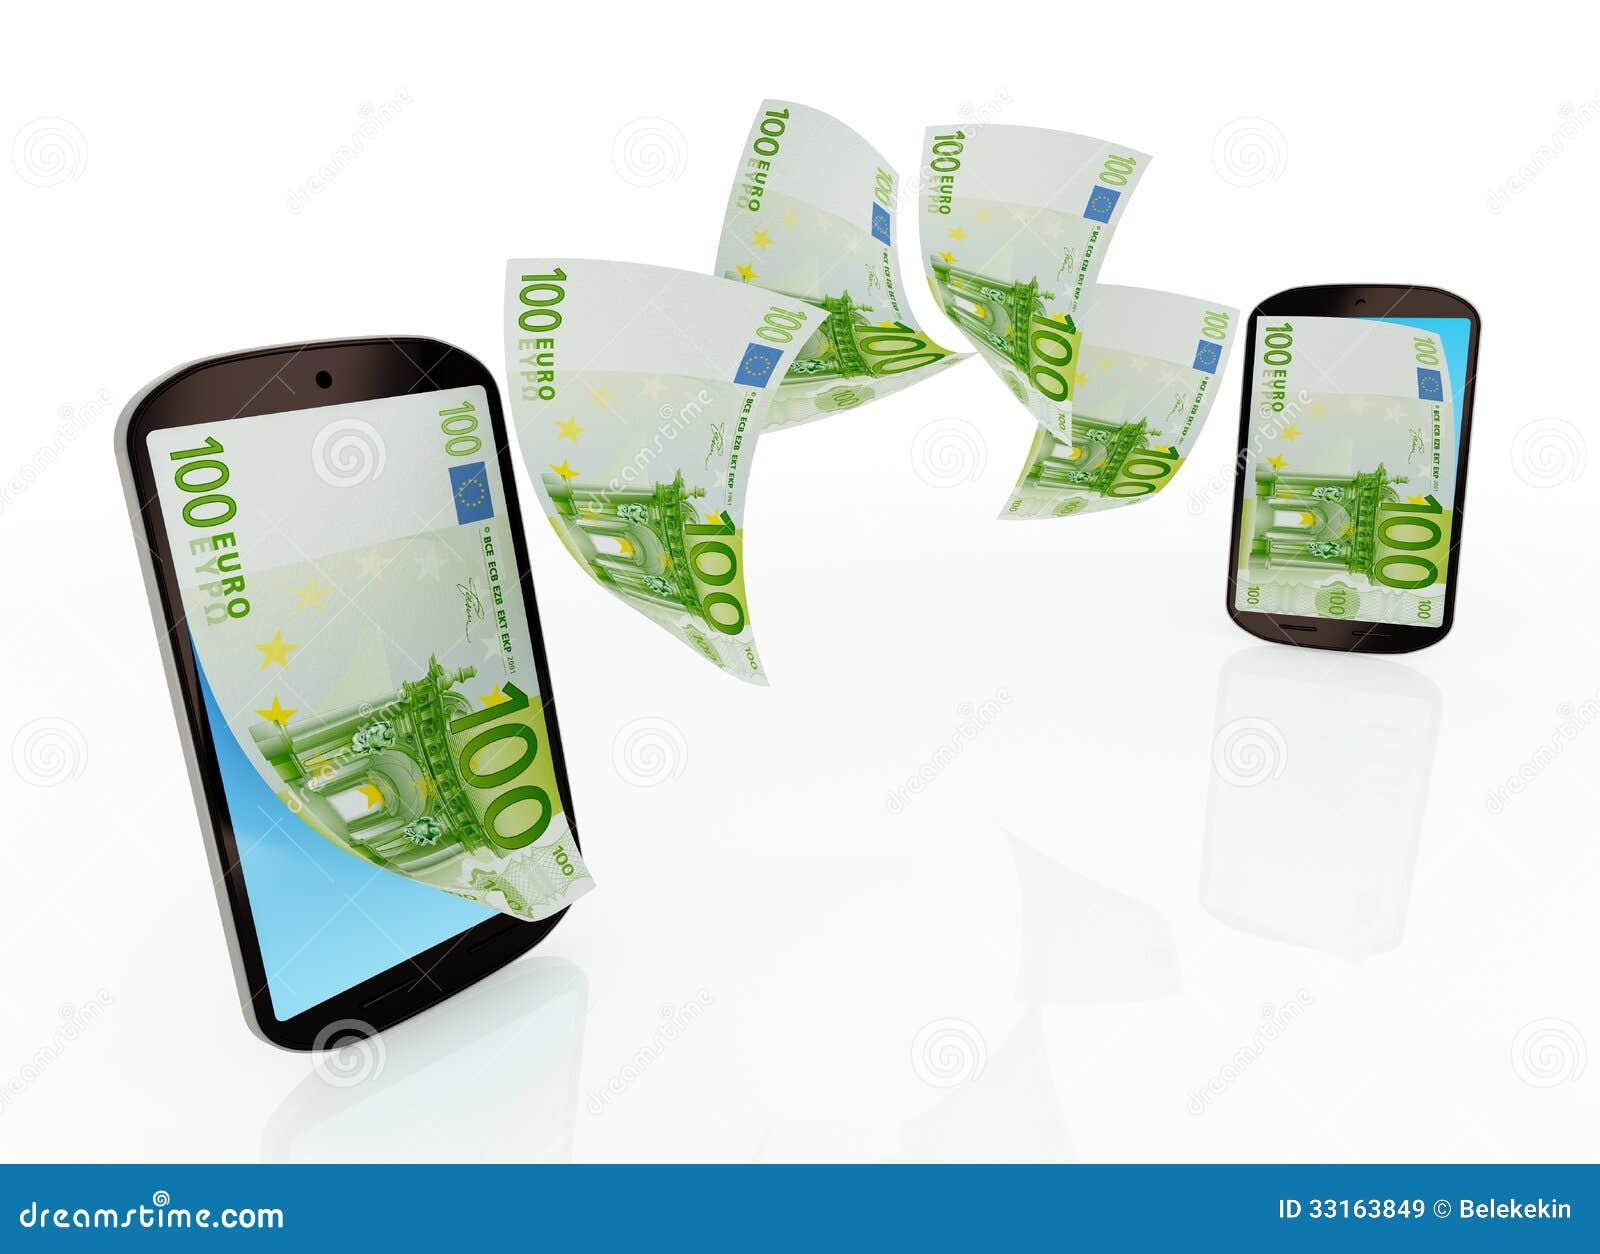 mobile transfer money